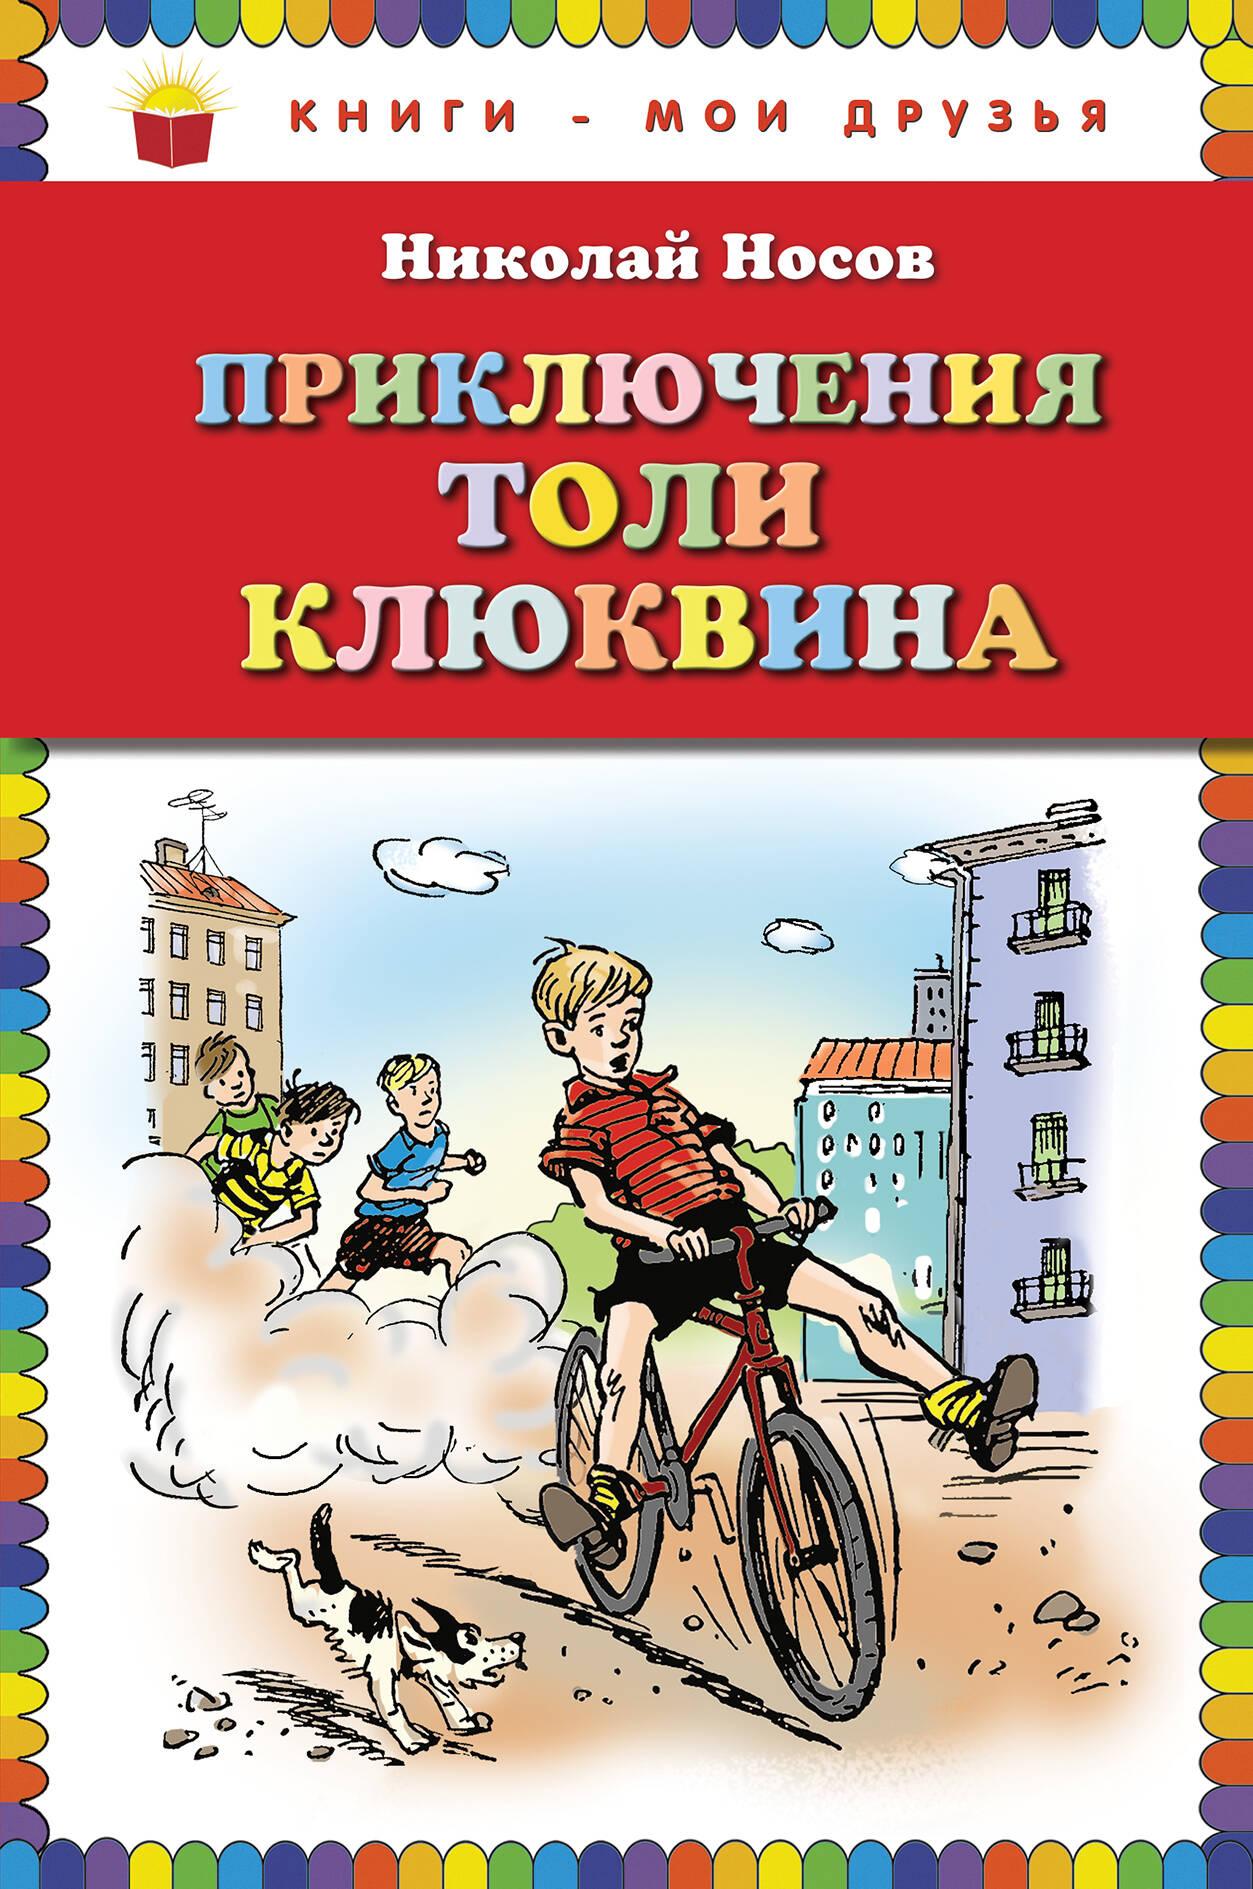 Книга дети раненные в душу петрановская читать